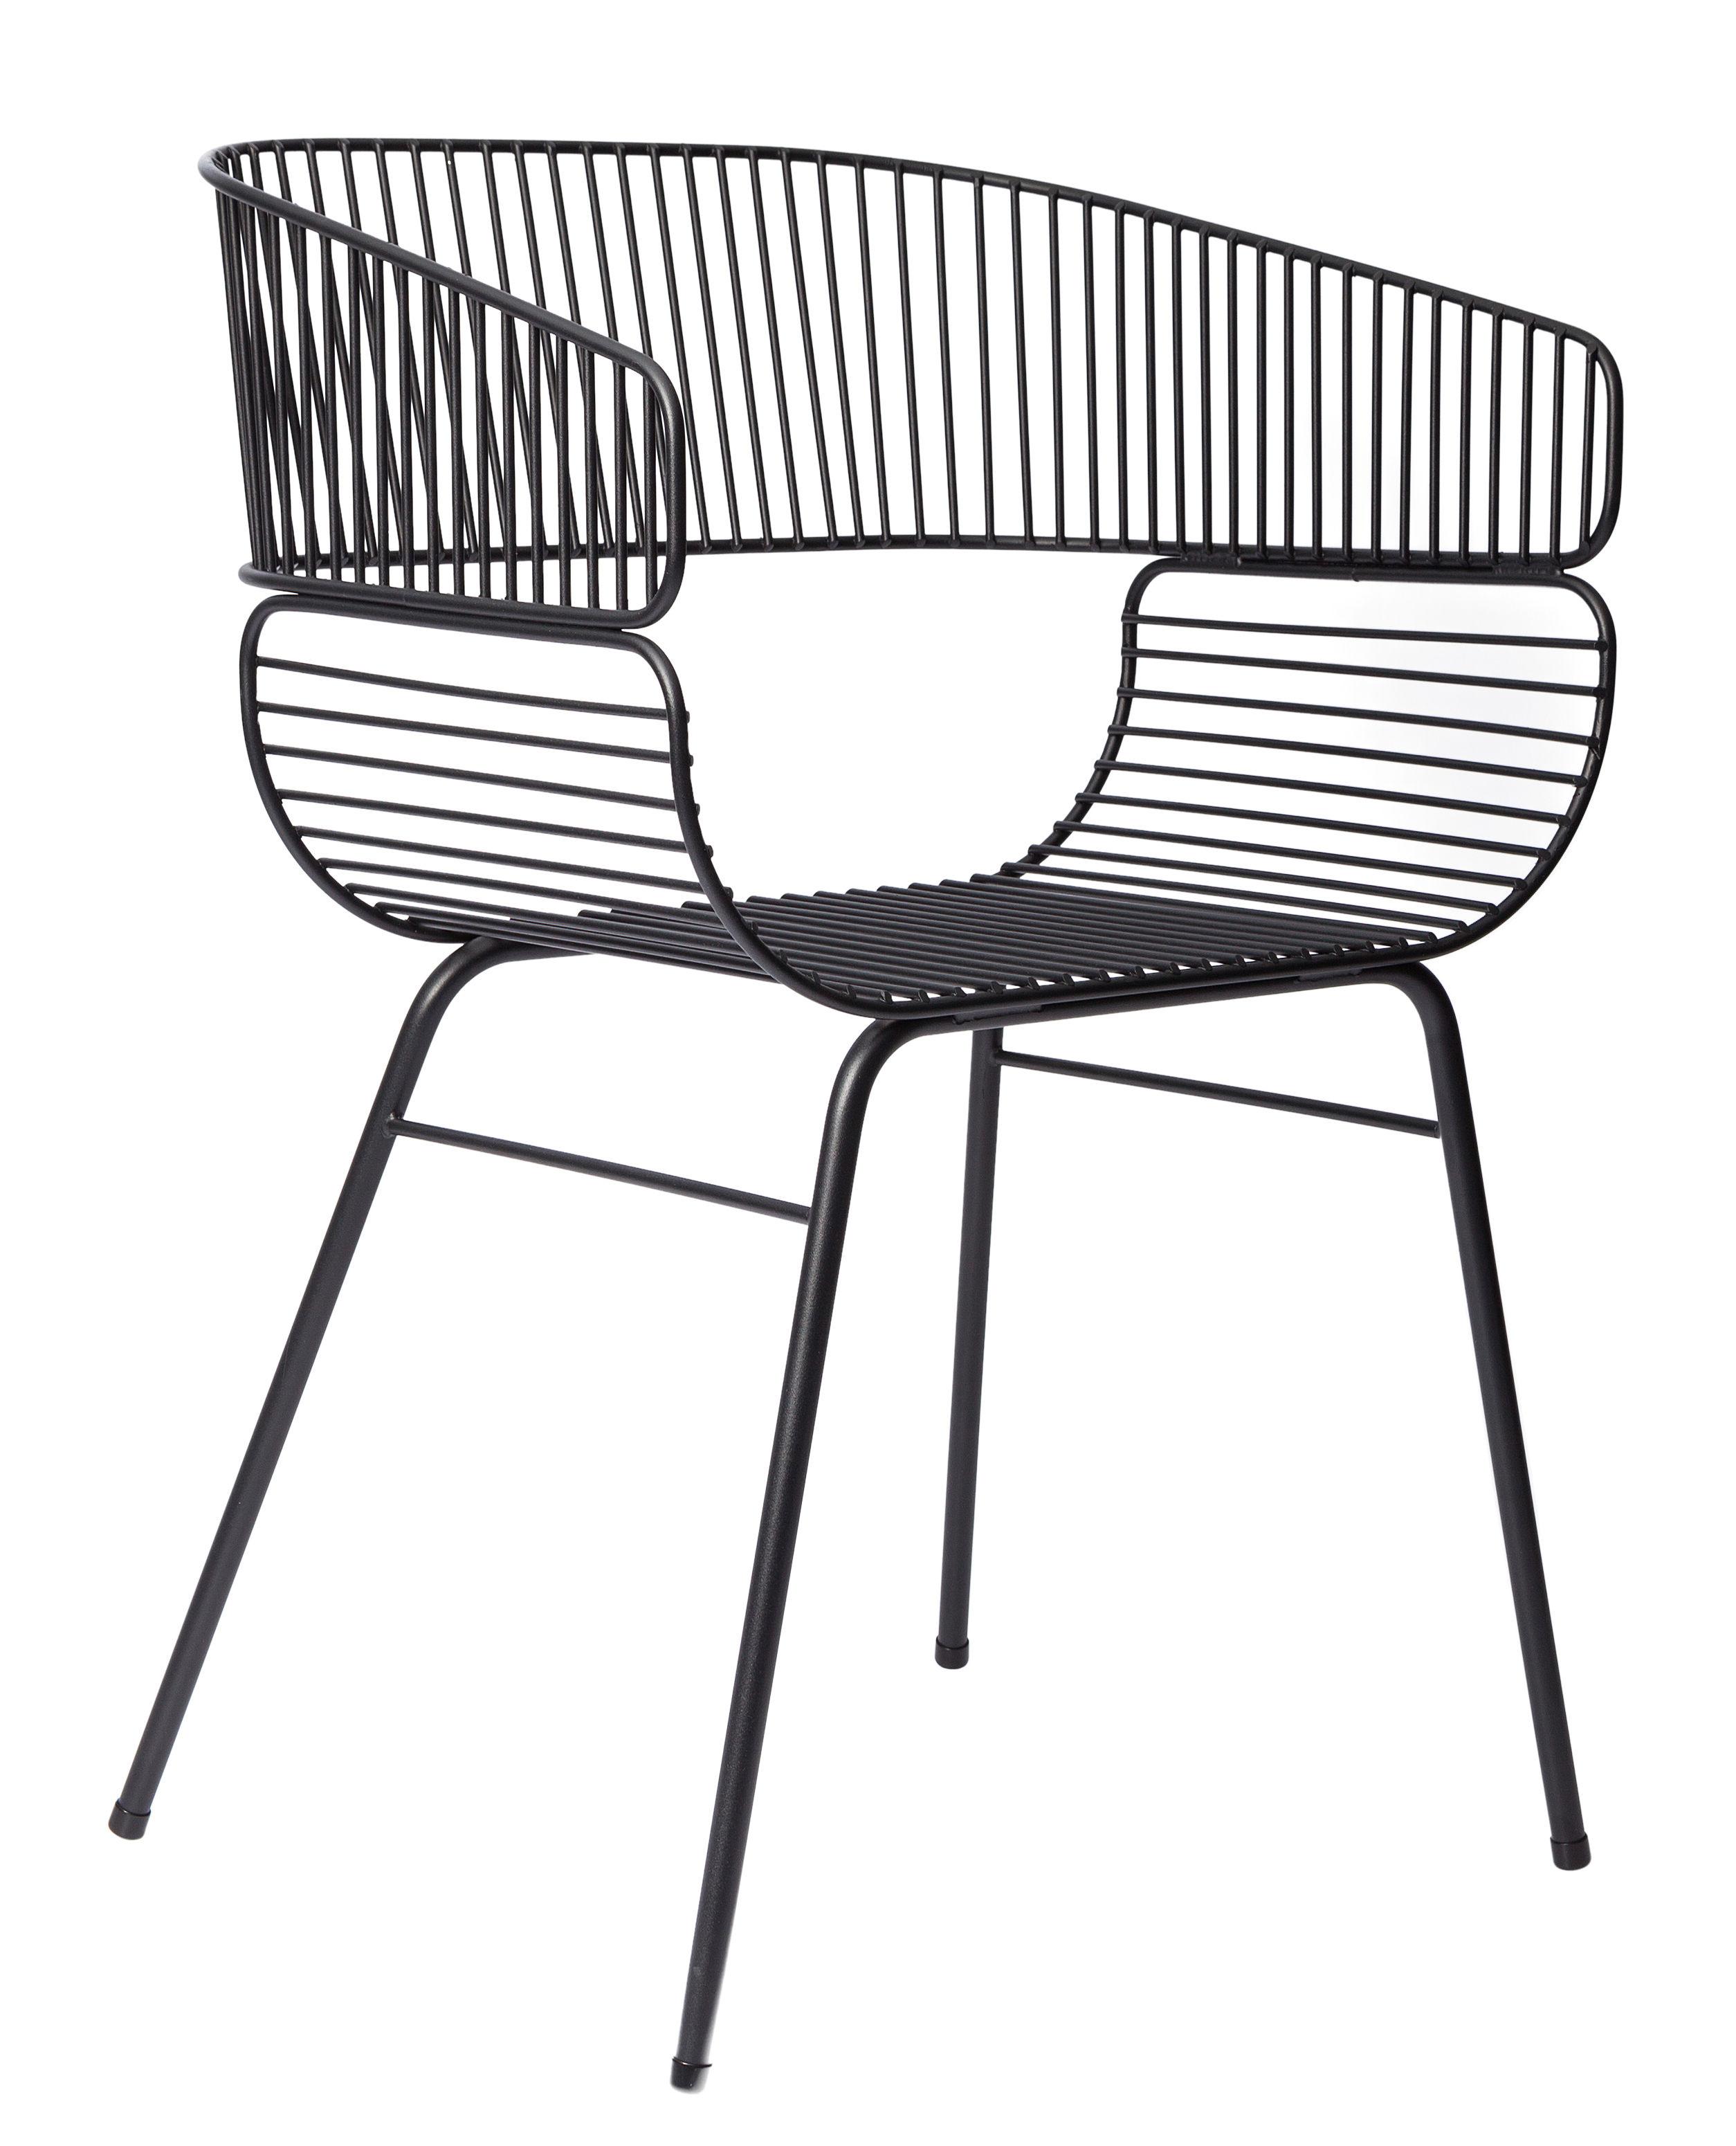 Mobilier - Chaises, fauteuils de salle à manger - Fauteuil Trame / Métal - Petite Friture - Noir - Acier thermolaqué